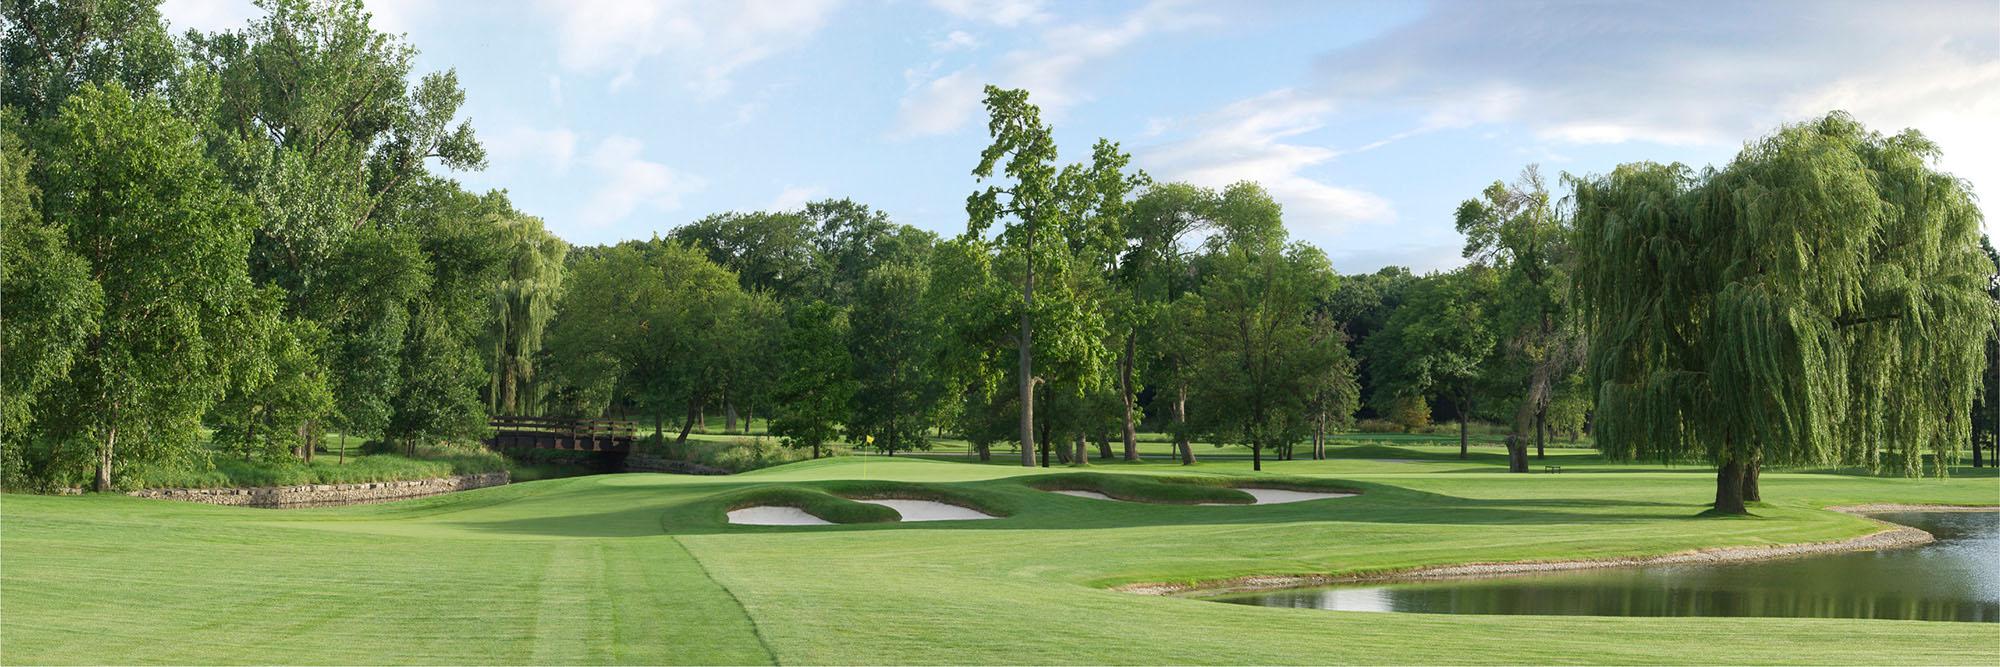 Golf Course Image - Butler National No. 11